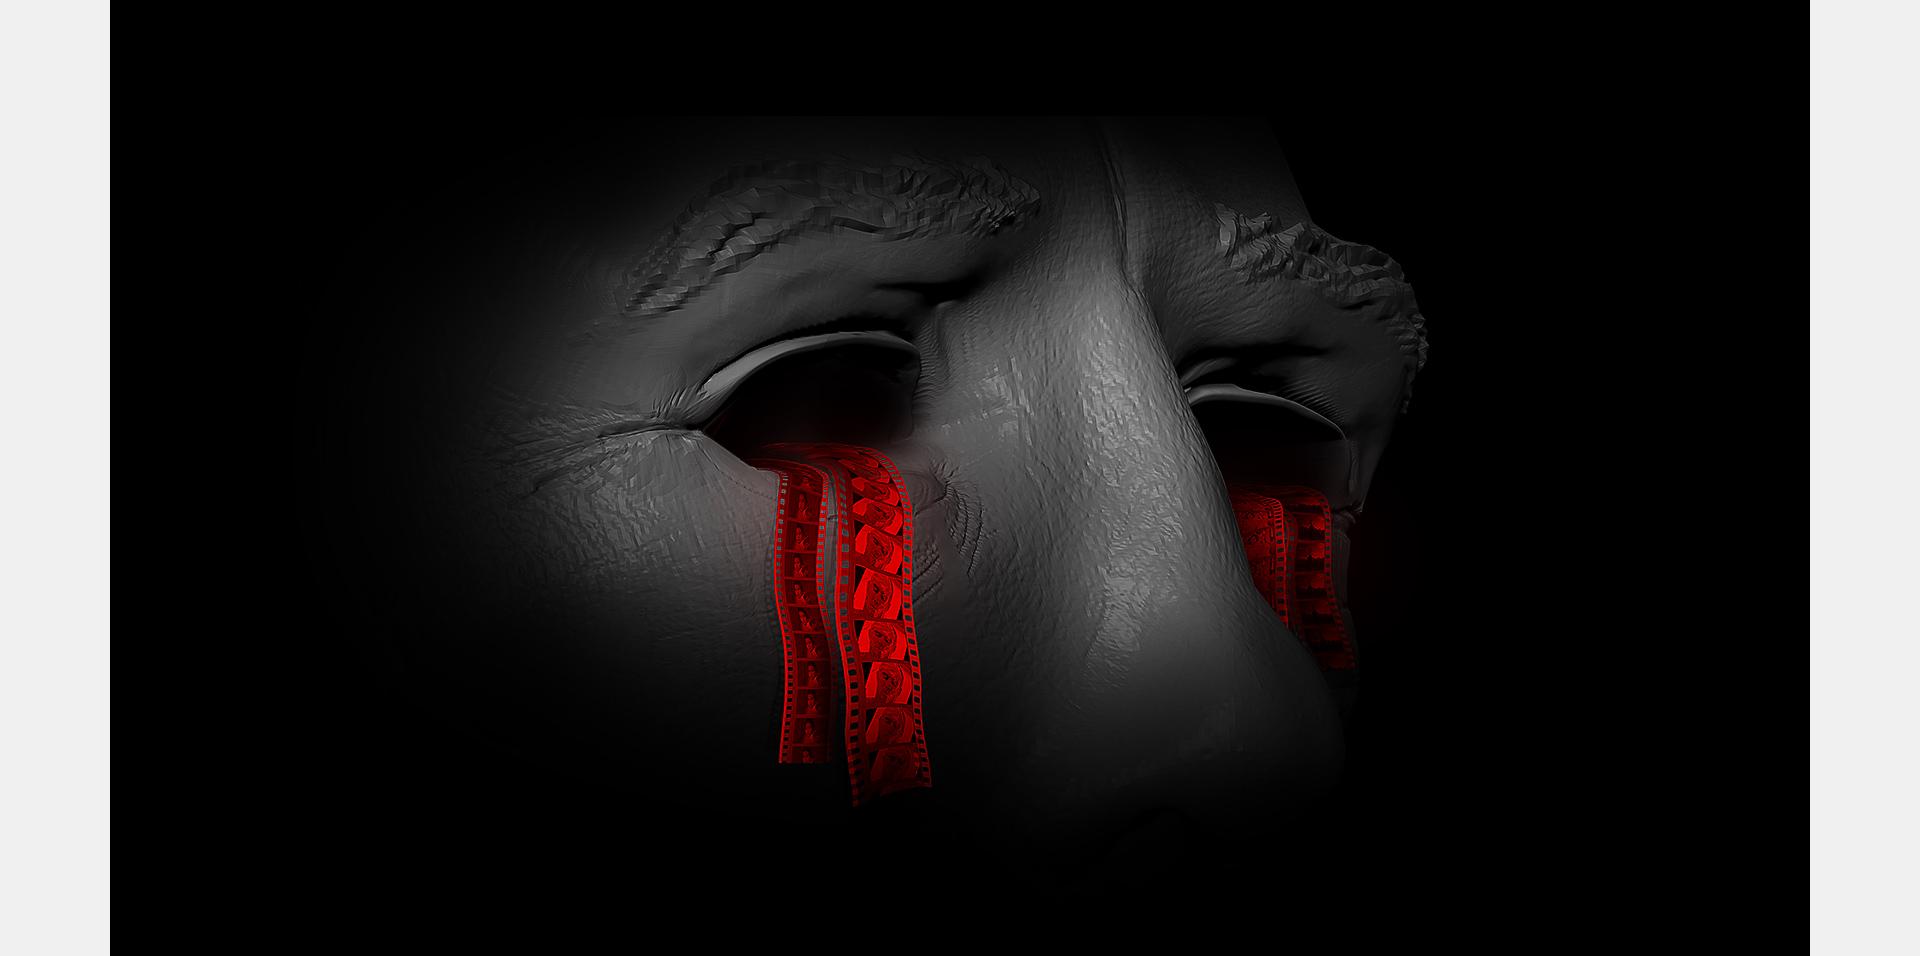 Oedipus-eyes-01@2x.jpg